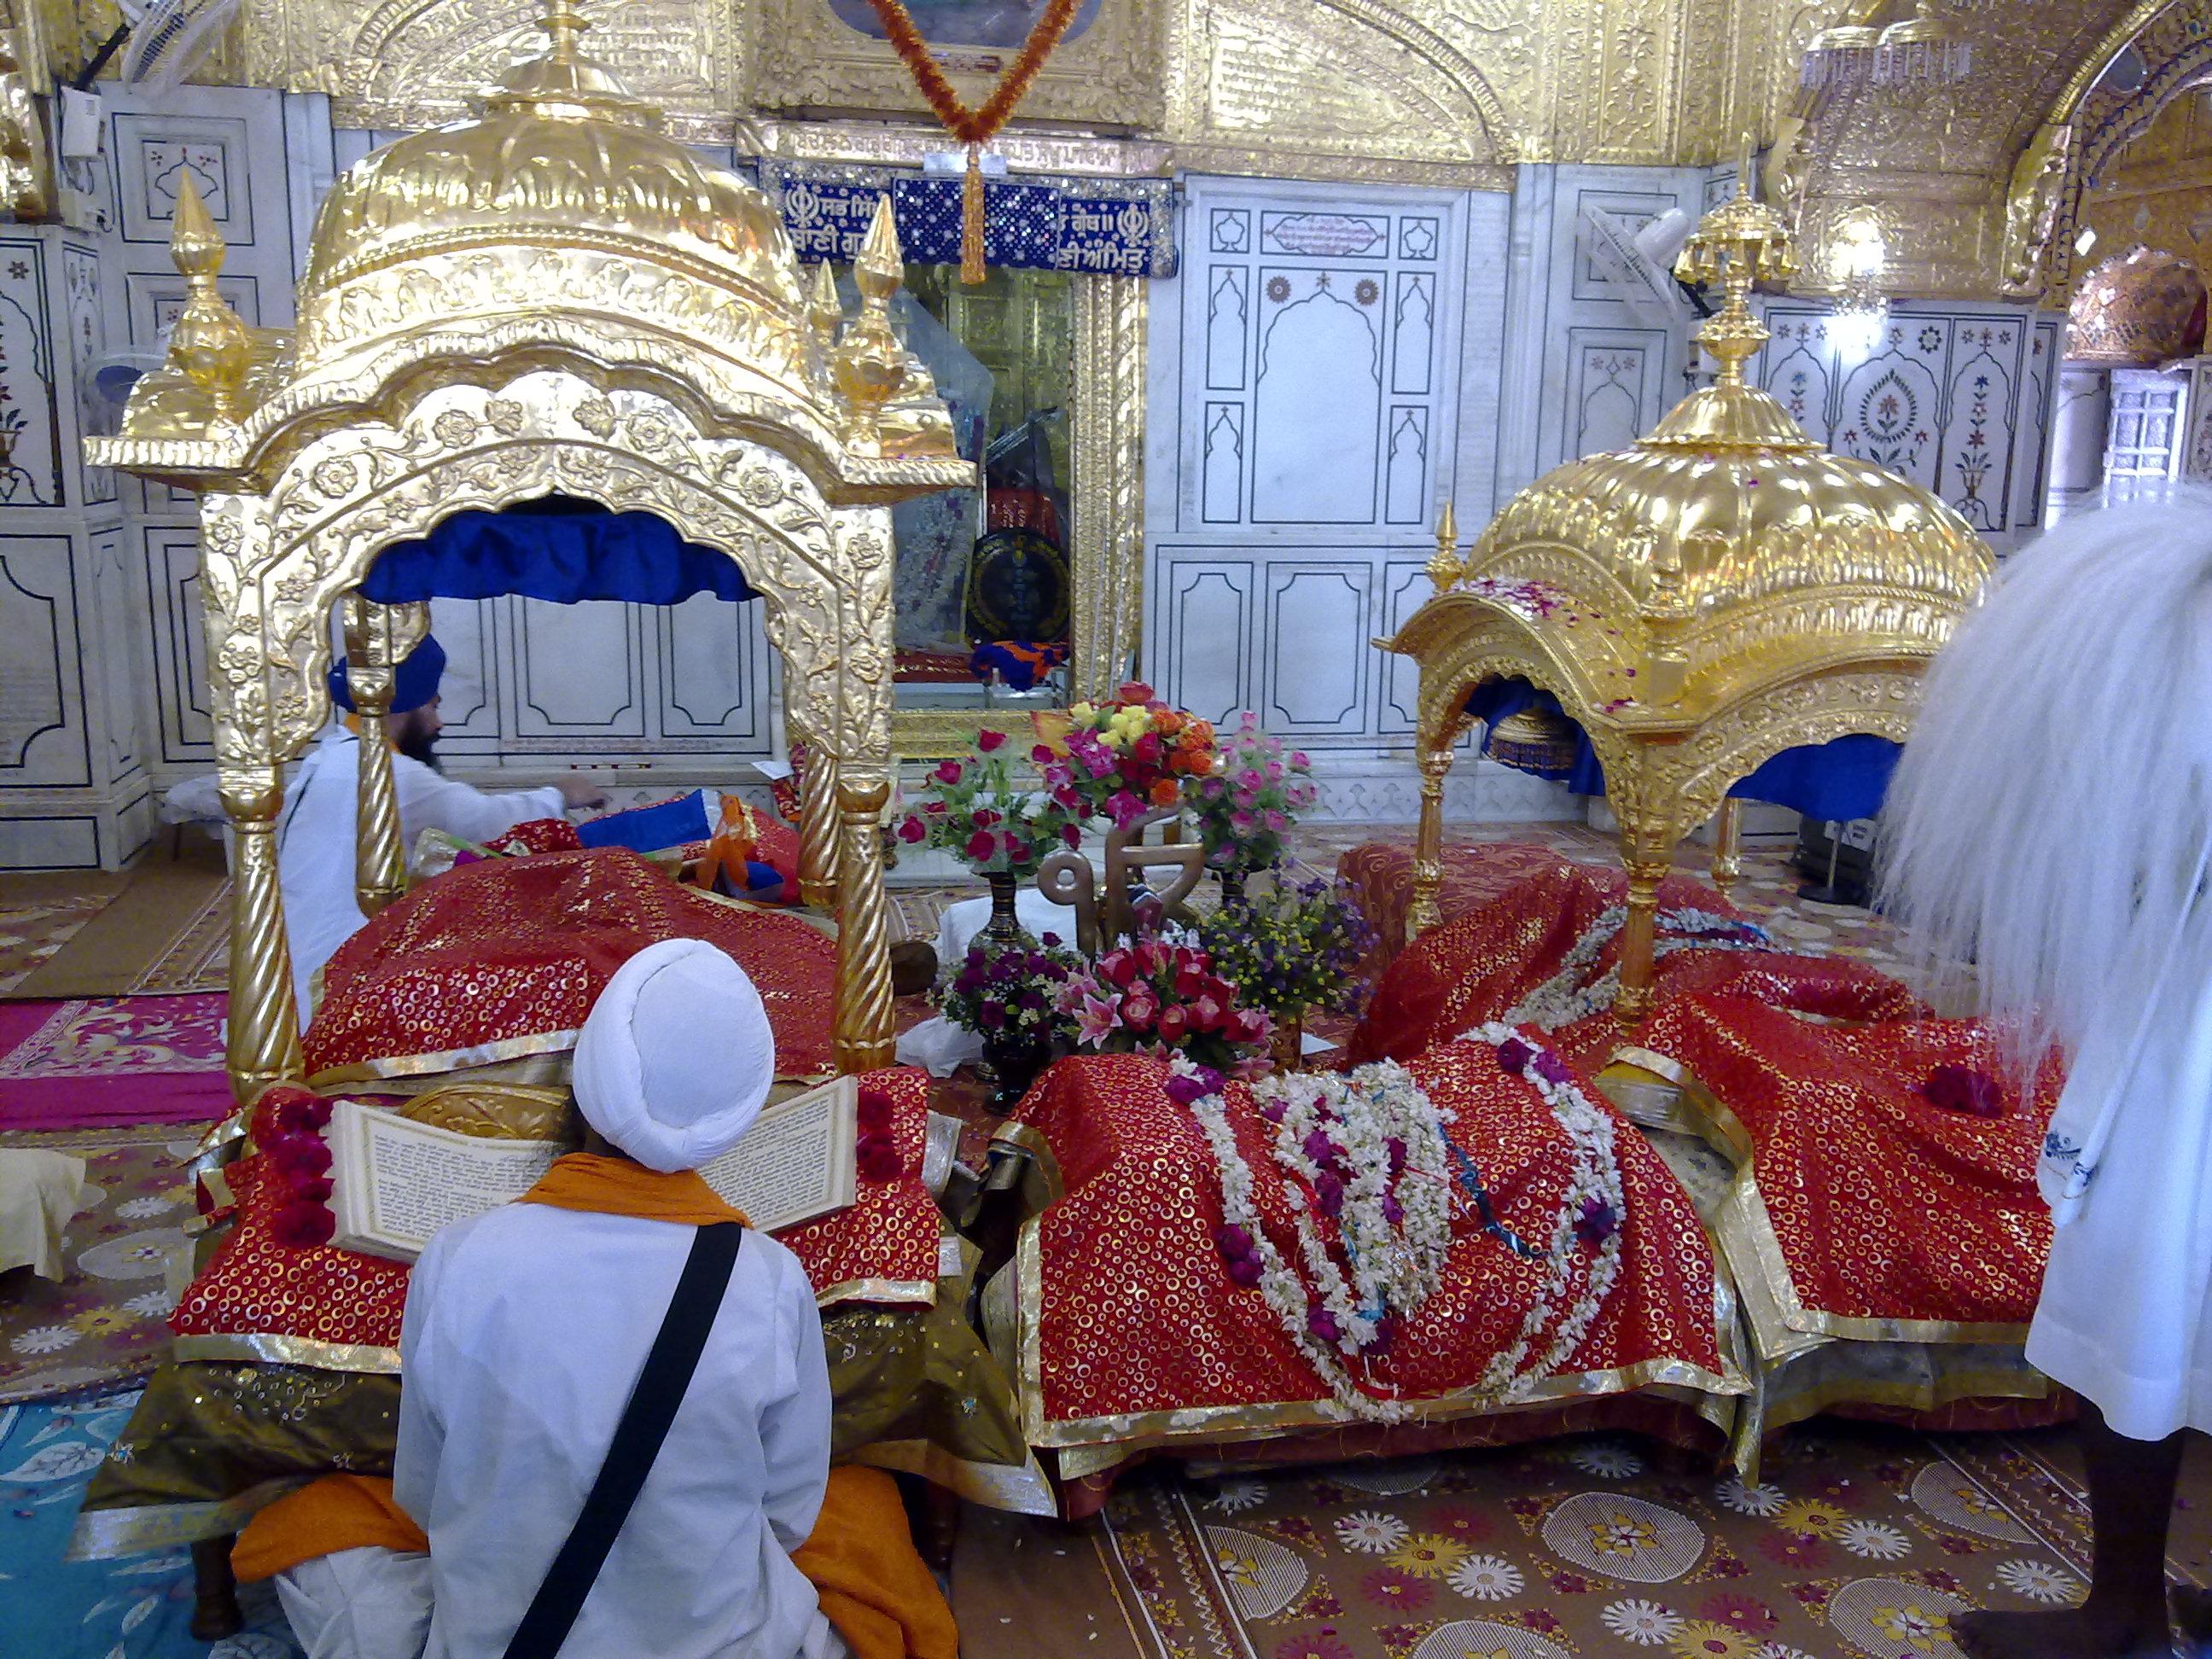 Interior view of Gurdwara Sach-Khand Haz r S hib